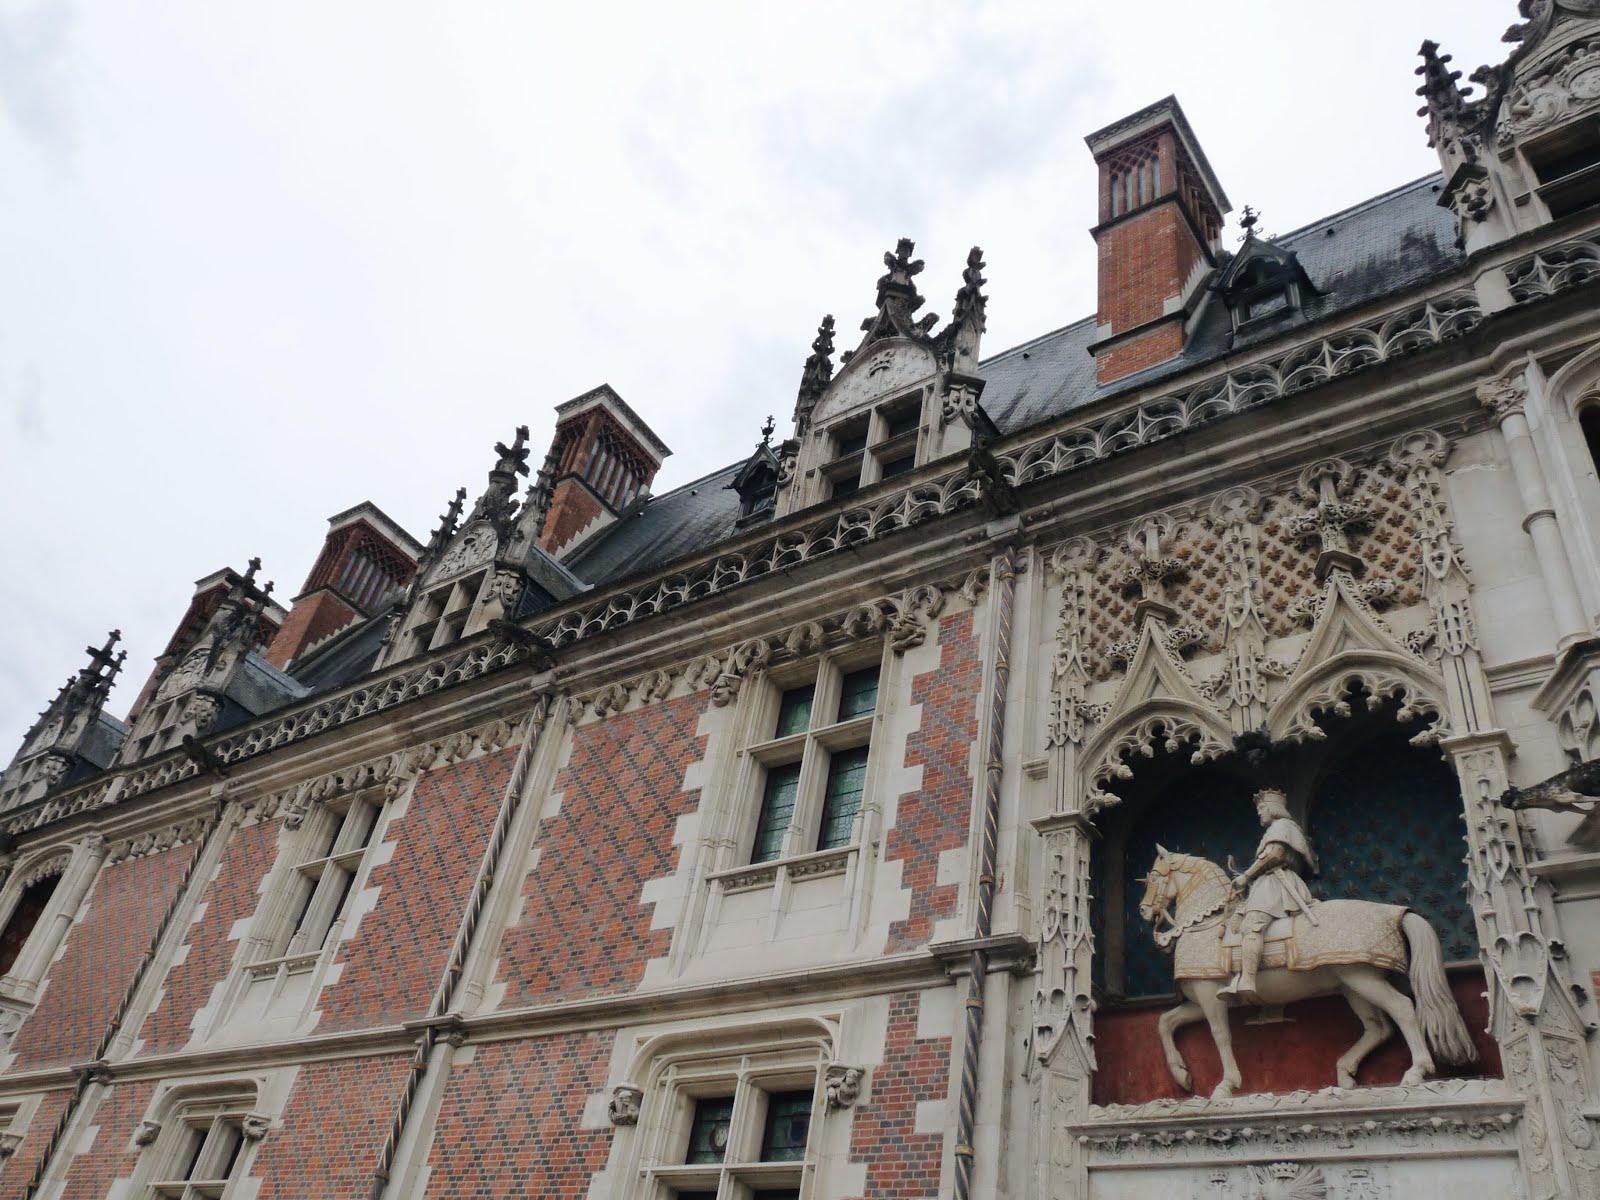 blois vacances châteaux de la loire été loire valley françois premier escalier stairs black pantsuit seamly.co summer